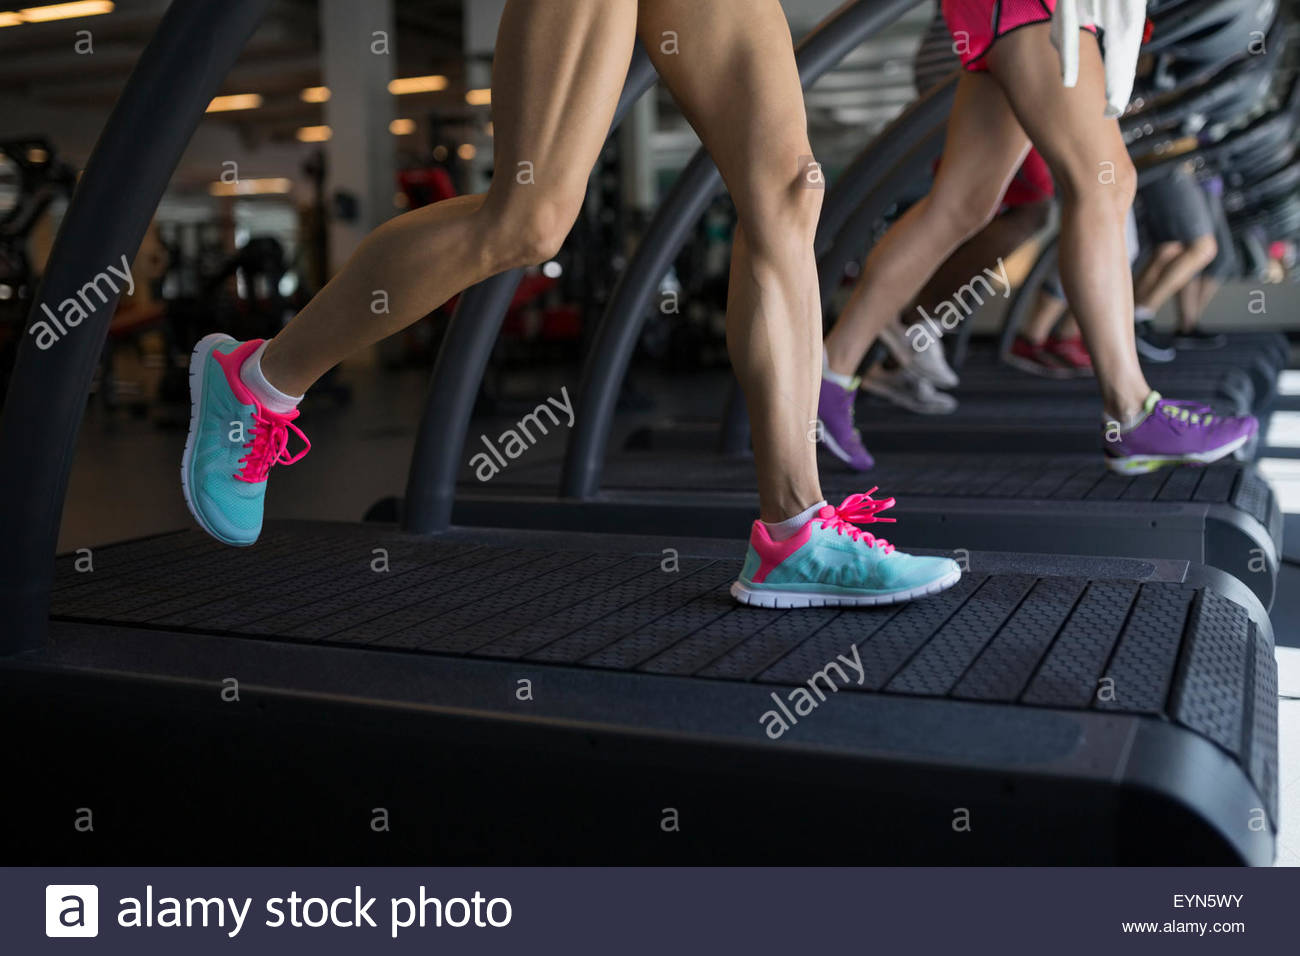 Les jambes des femmes en marche sur des tapis roulants at gym Photo Stock